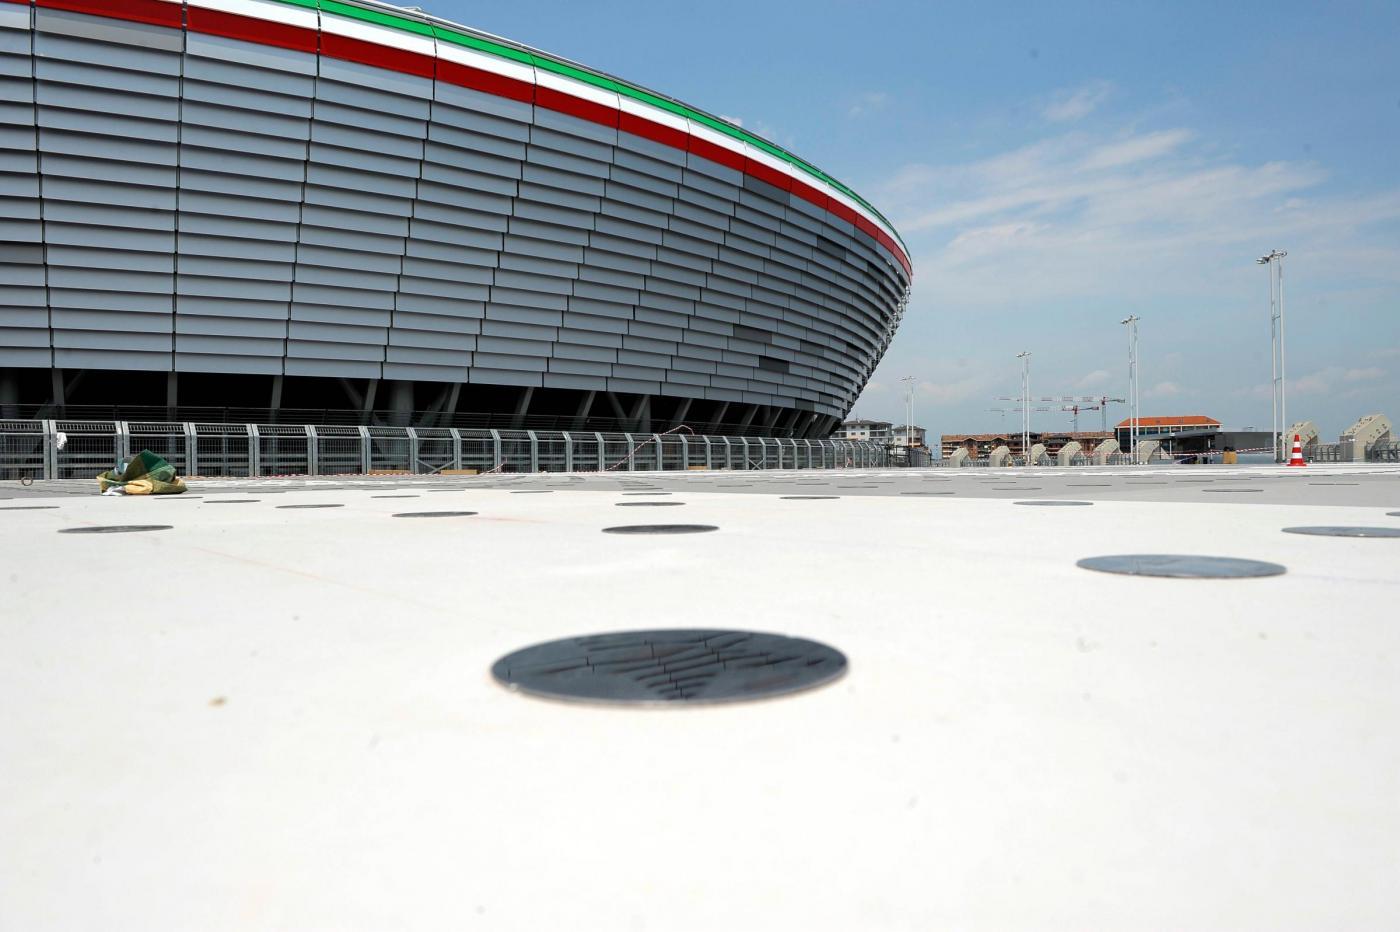 Le Foto Del Nuovo Stadio Della Juve Ecco Le Immagini Dei